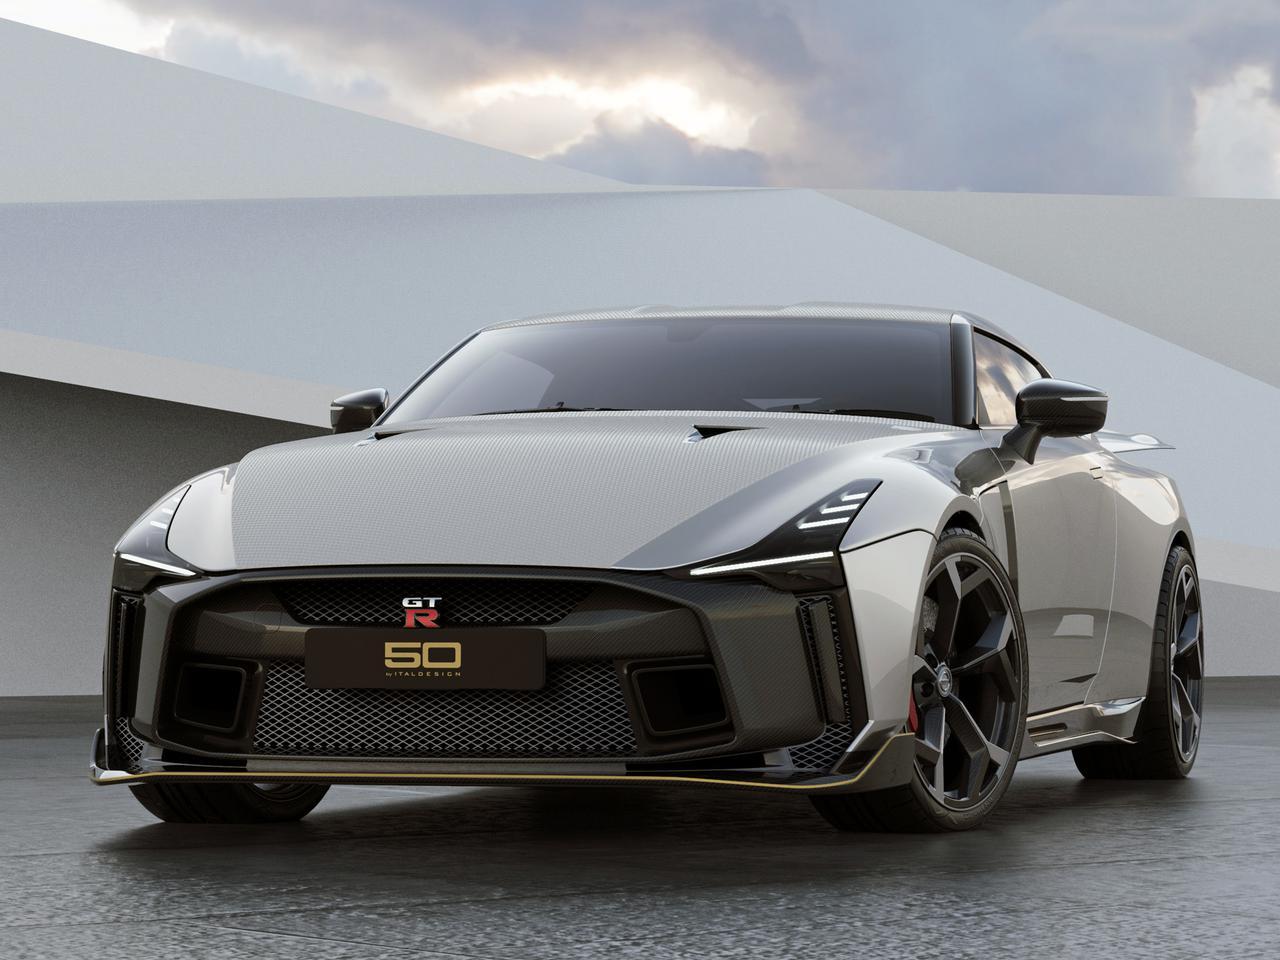 日産 GT-R50 by イタルデザインの市販モデルは2020年後半から納車開始。予約枠は残りわずか!